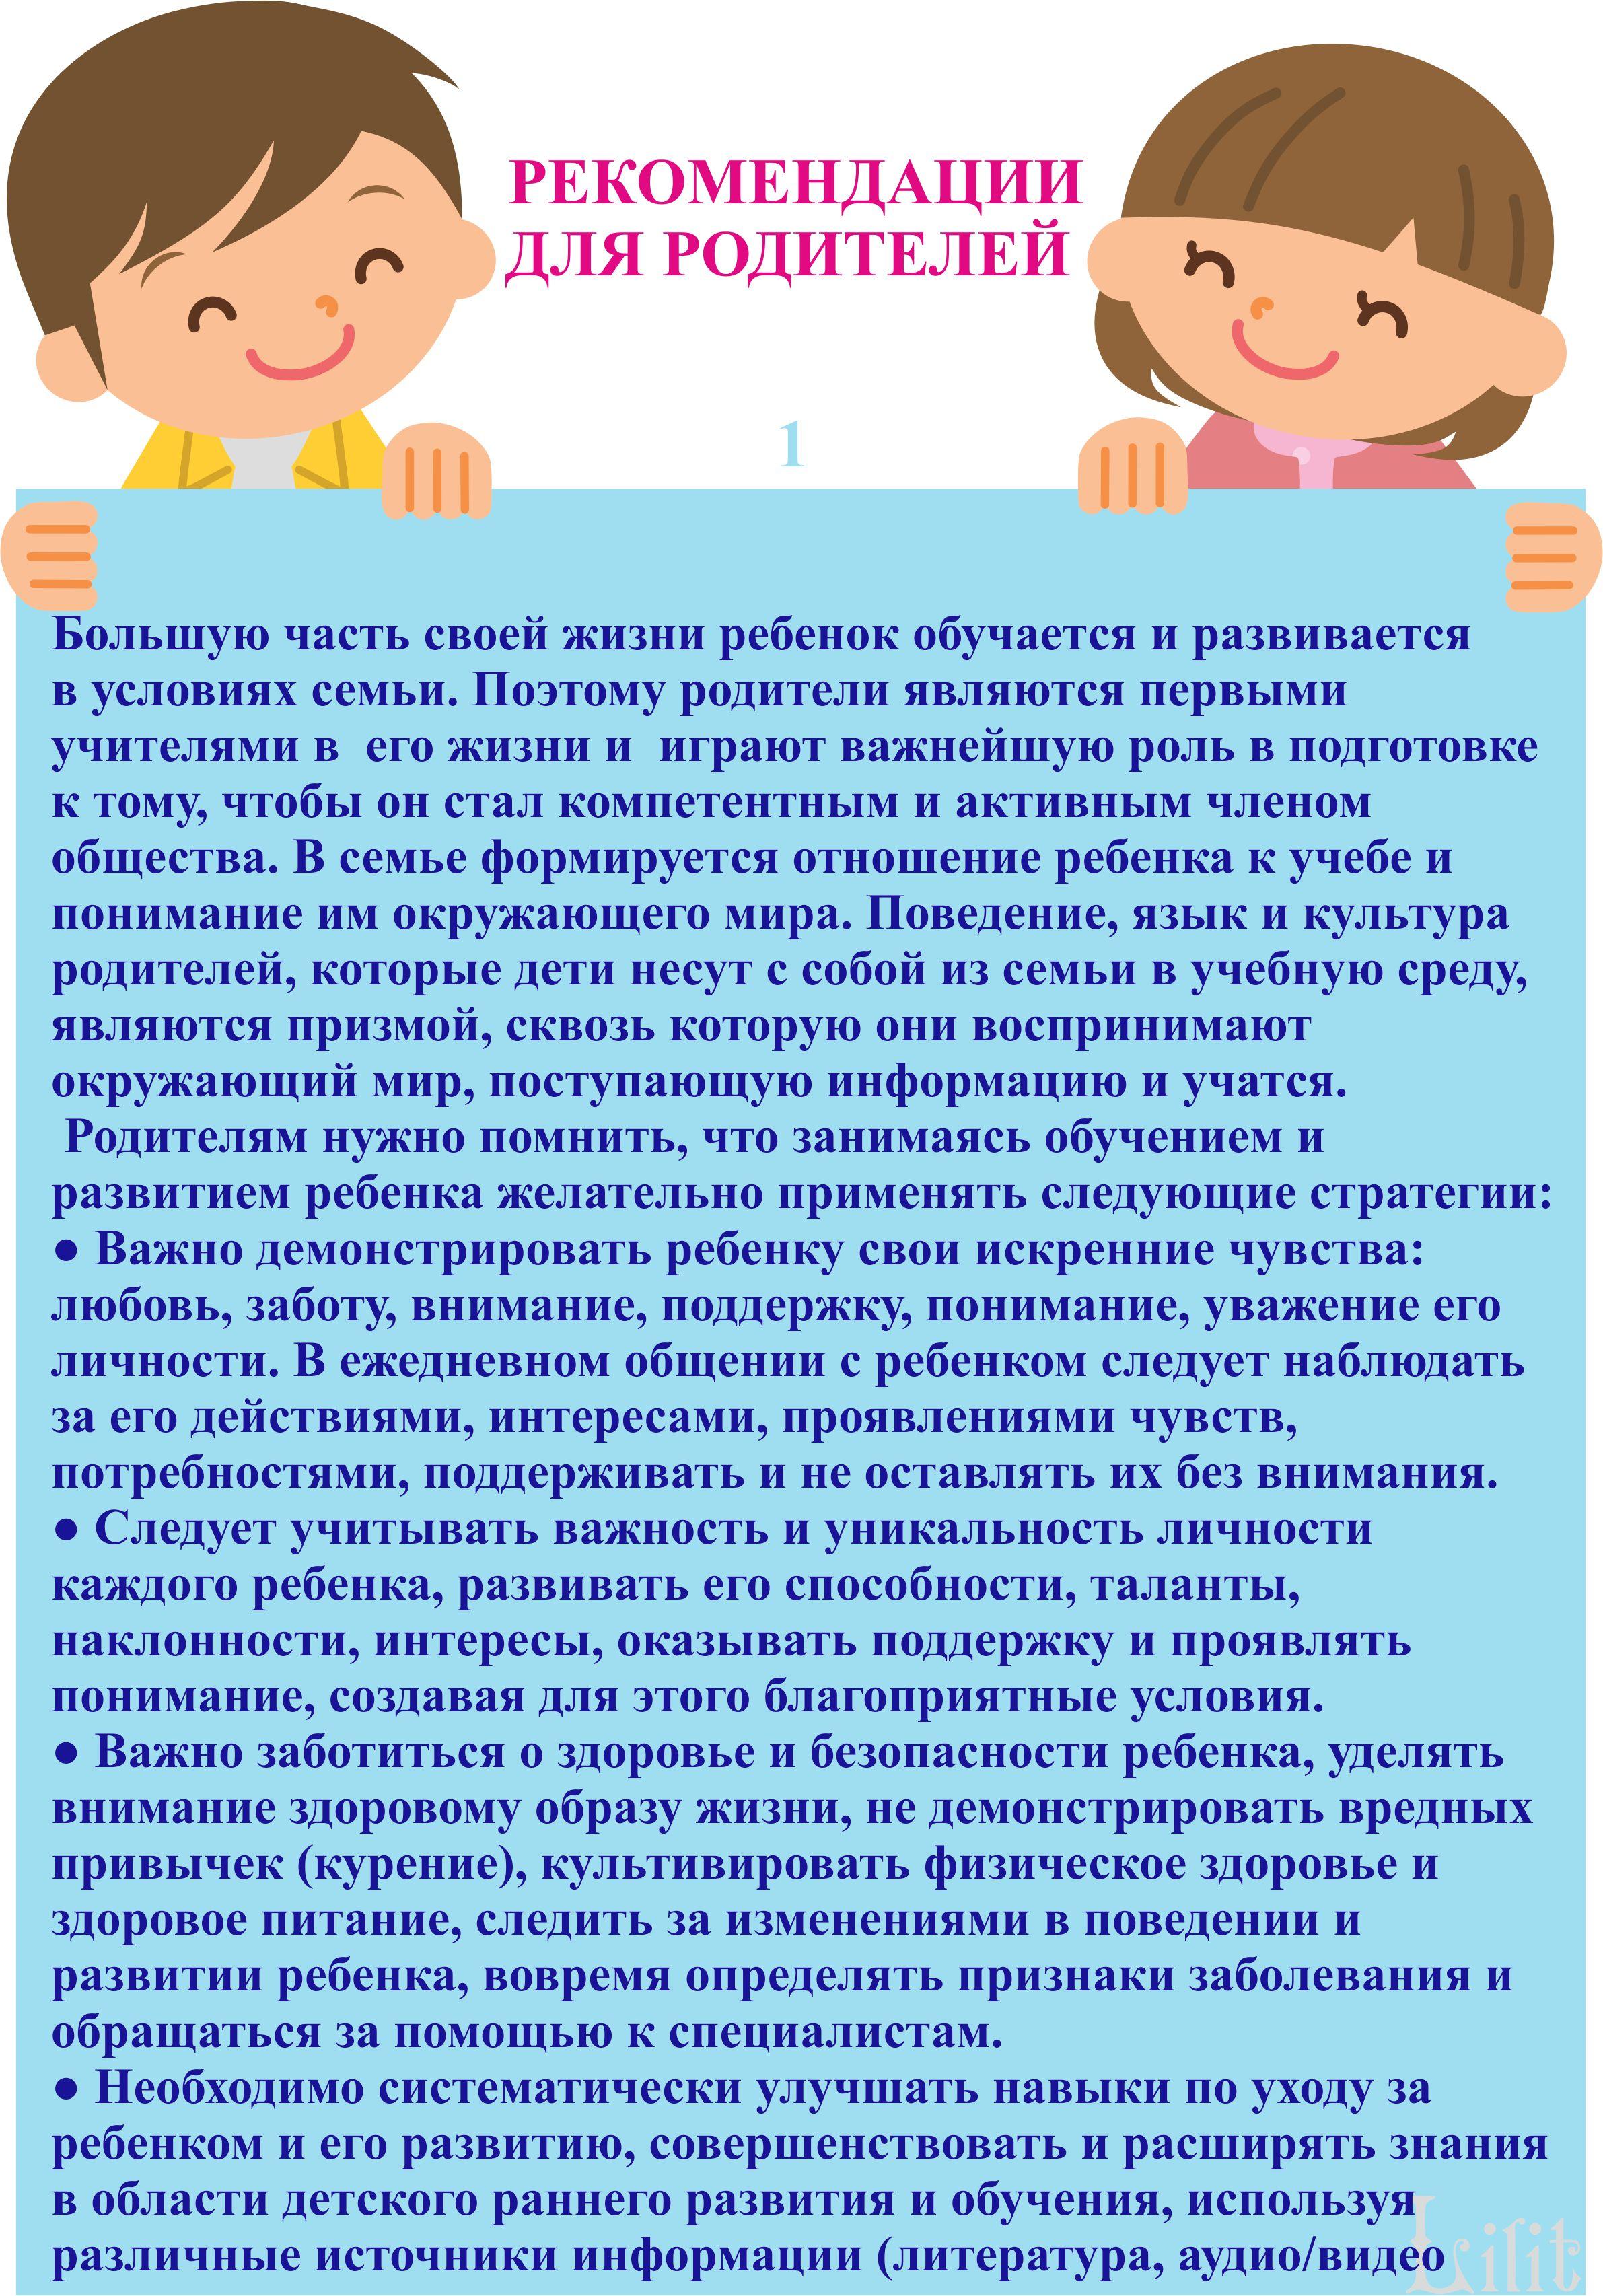 Воспитание детей с 0 месяцев до года: как правильно развивать малышей с рождения